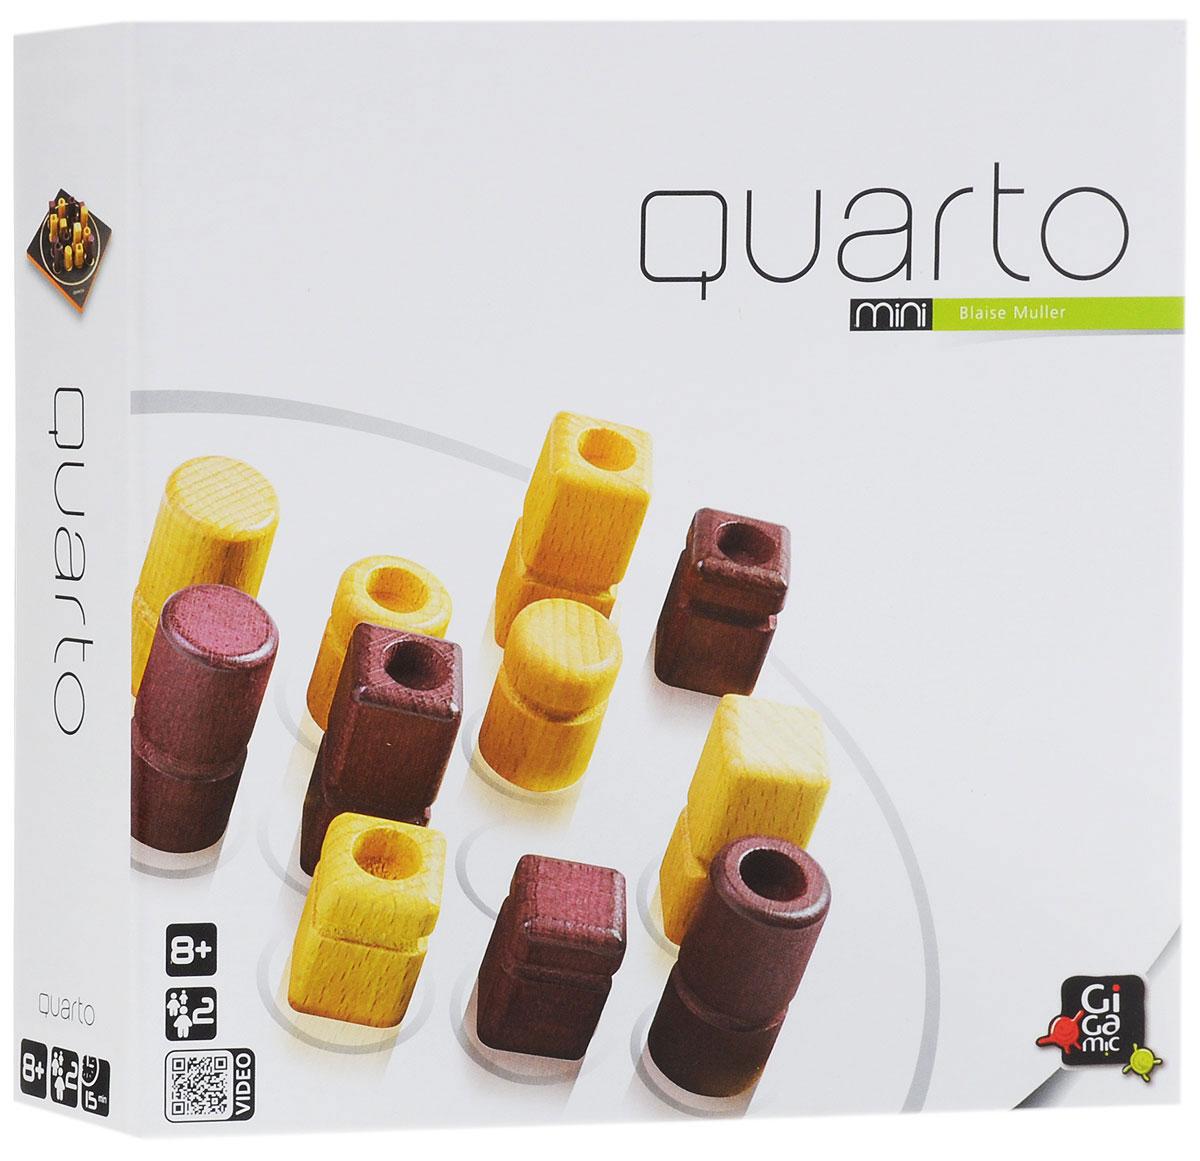 Gigamic Настольная игра Quarto MiniУТ000000219Настольная игра Gigamic Quarto Mini пользуется самой большой популярностью. Здесь надо быть не только внимательным, но и хитрым, и очень хорошо продумывающим свои шаги. Задача игроков: составить на квадратном поле 4 х 4 ряд из фигур, по крайней мере, с одним общим признаком. Ряд можно составить по горизонтали, по вертикали или по диагонали. Это может быть ряд из светлых фигур или из темных, из низких или высоких, из фигур с выемкой или без нее, из круглых или квадратных. Впрочем, совпадающих признаков может быть и больше одного. Выигрывает тот, кто первым произнесет слово Кварто. Предусмотрены варианты игры для начинающих и для опытных игроков. Средняя продолжительность игры составляет: 10-20 минут. Рекомендуемый возраст: от 8 лет.